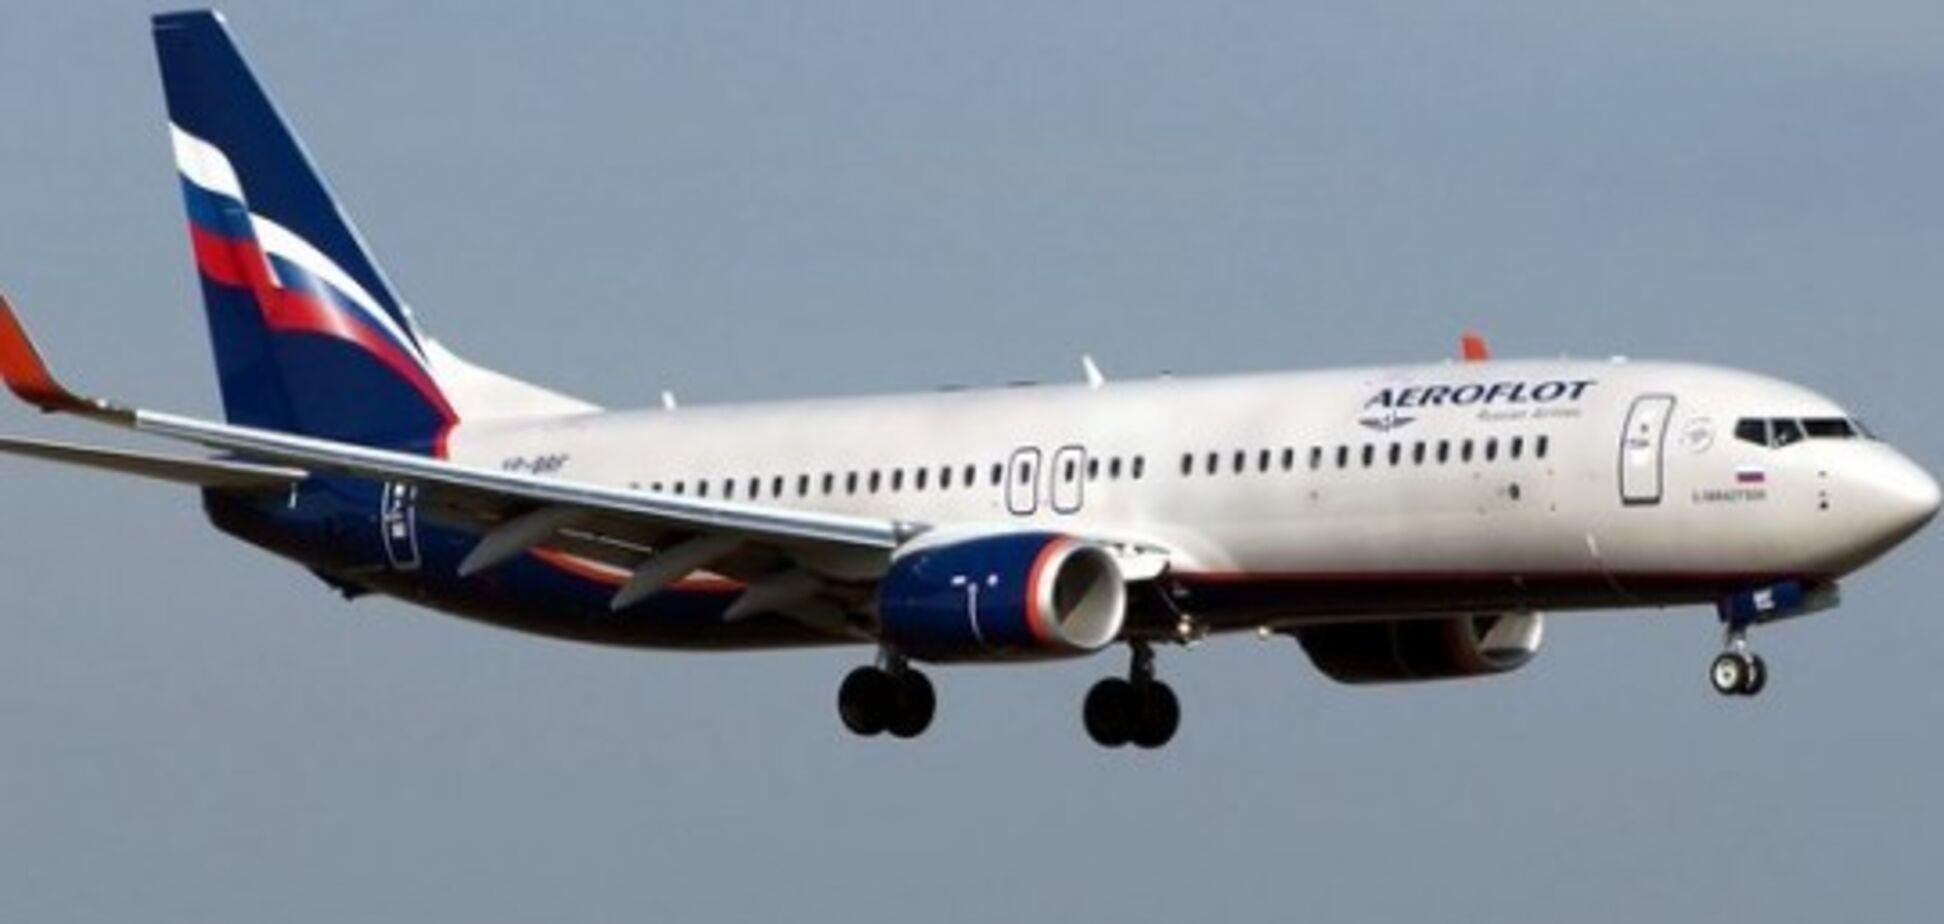 Захоплення літака в Росії